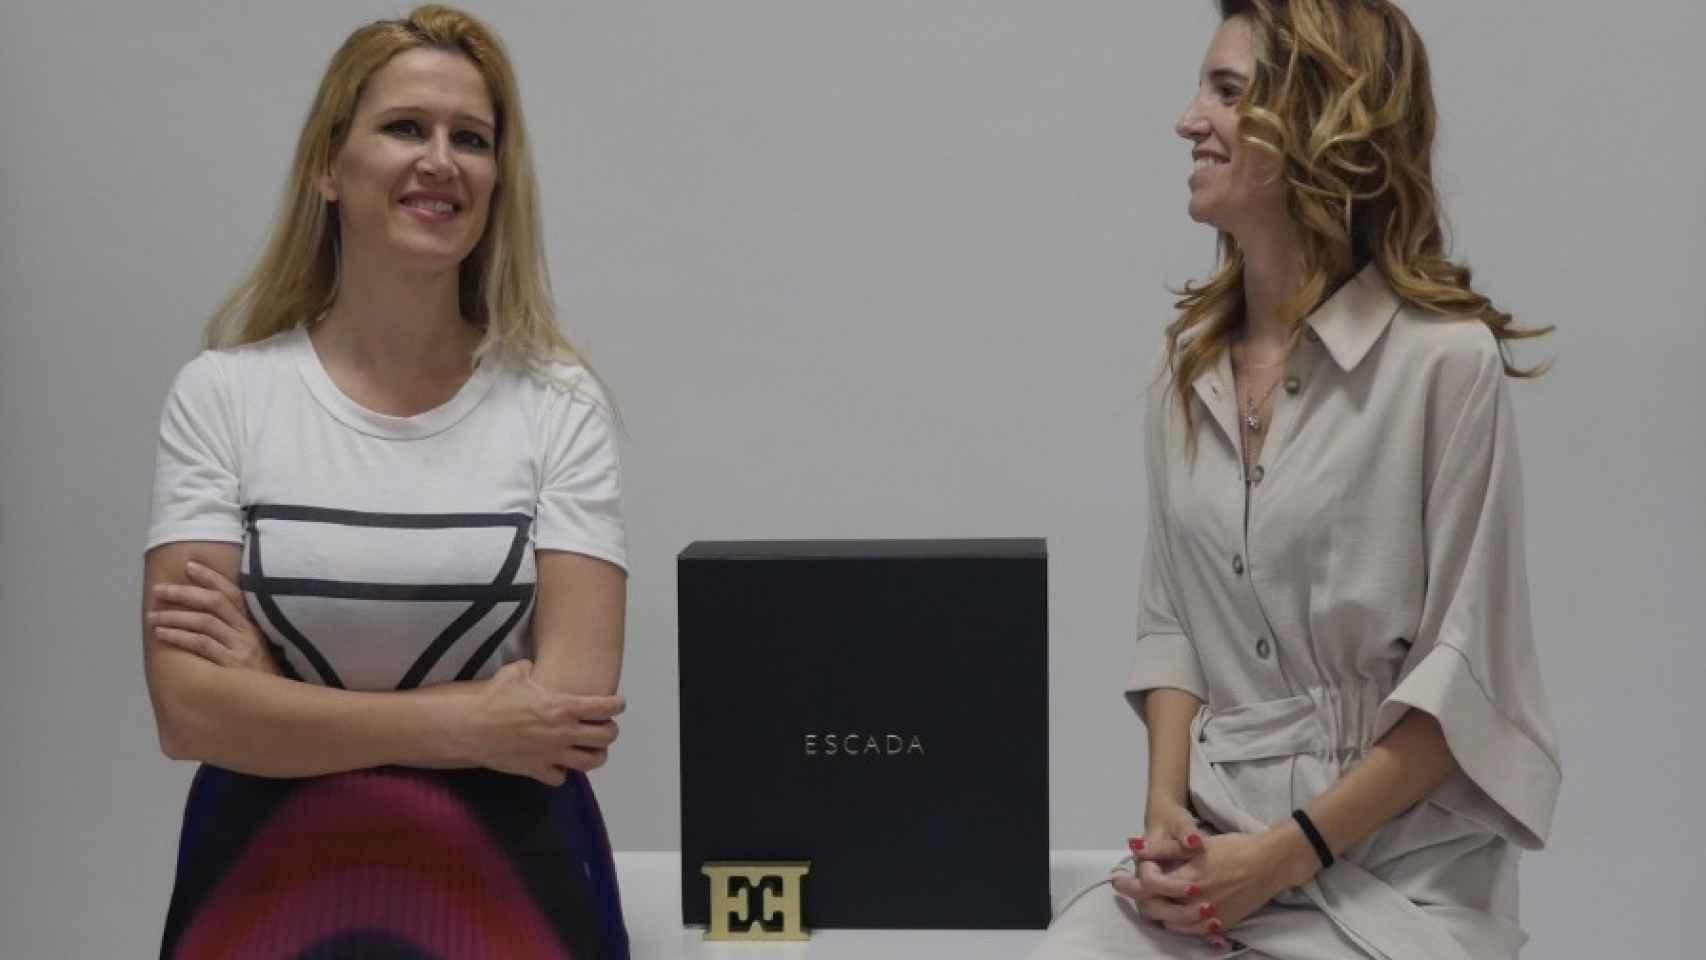 María José González y Sheila Moya son las fundadoras de la startup Pislow que permite alquilar hasta medio centenar de prendas y accesorios de ESCADA.